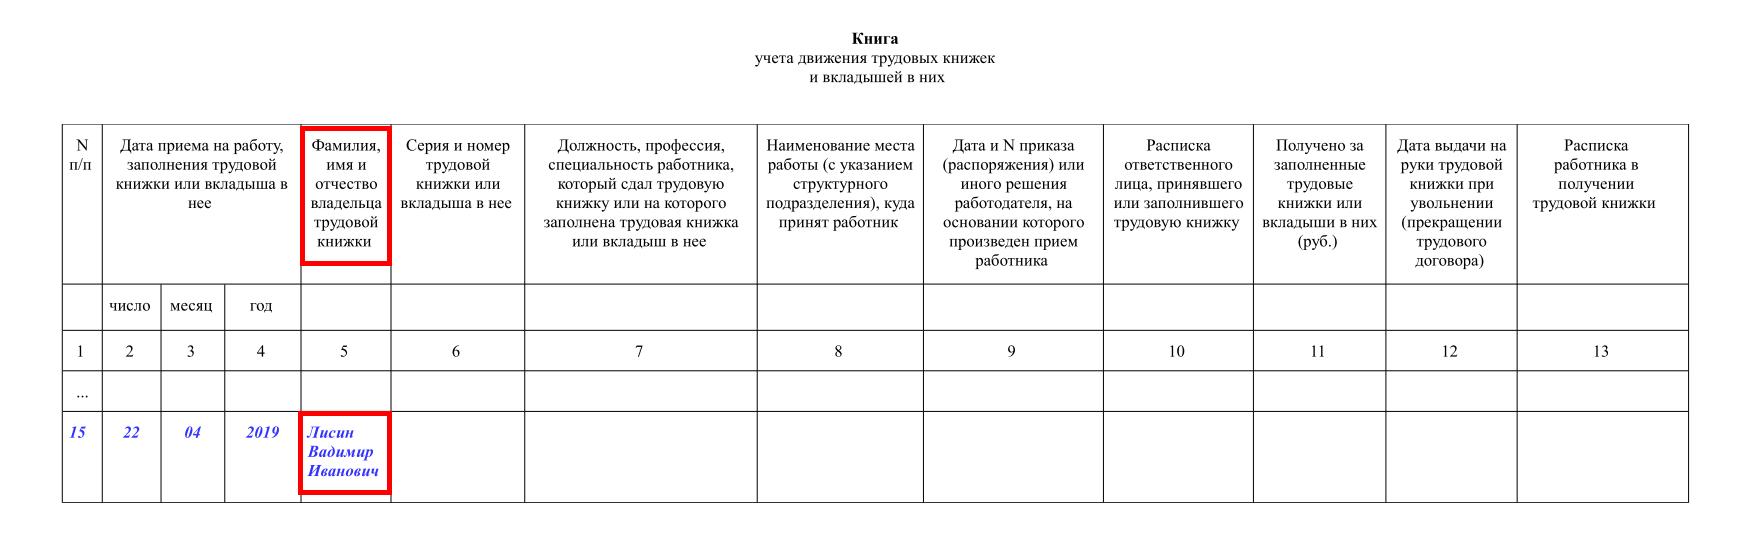 Кто Должен Ставить Счетчики В Городе Астрахани Для Пенсионеров